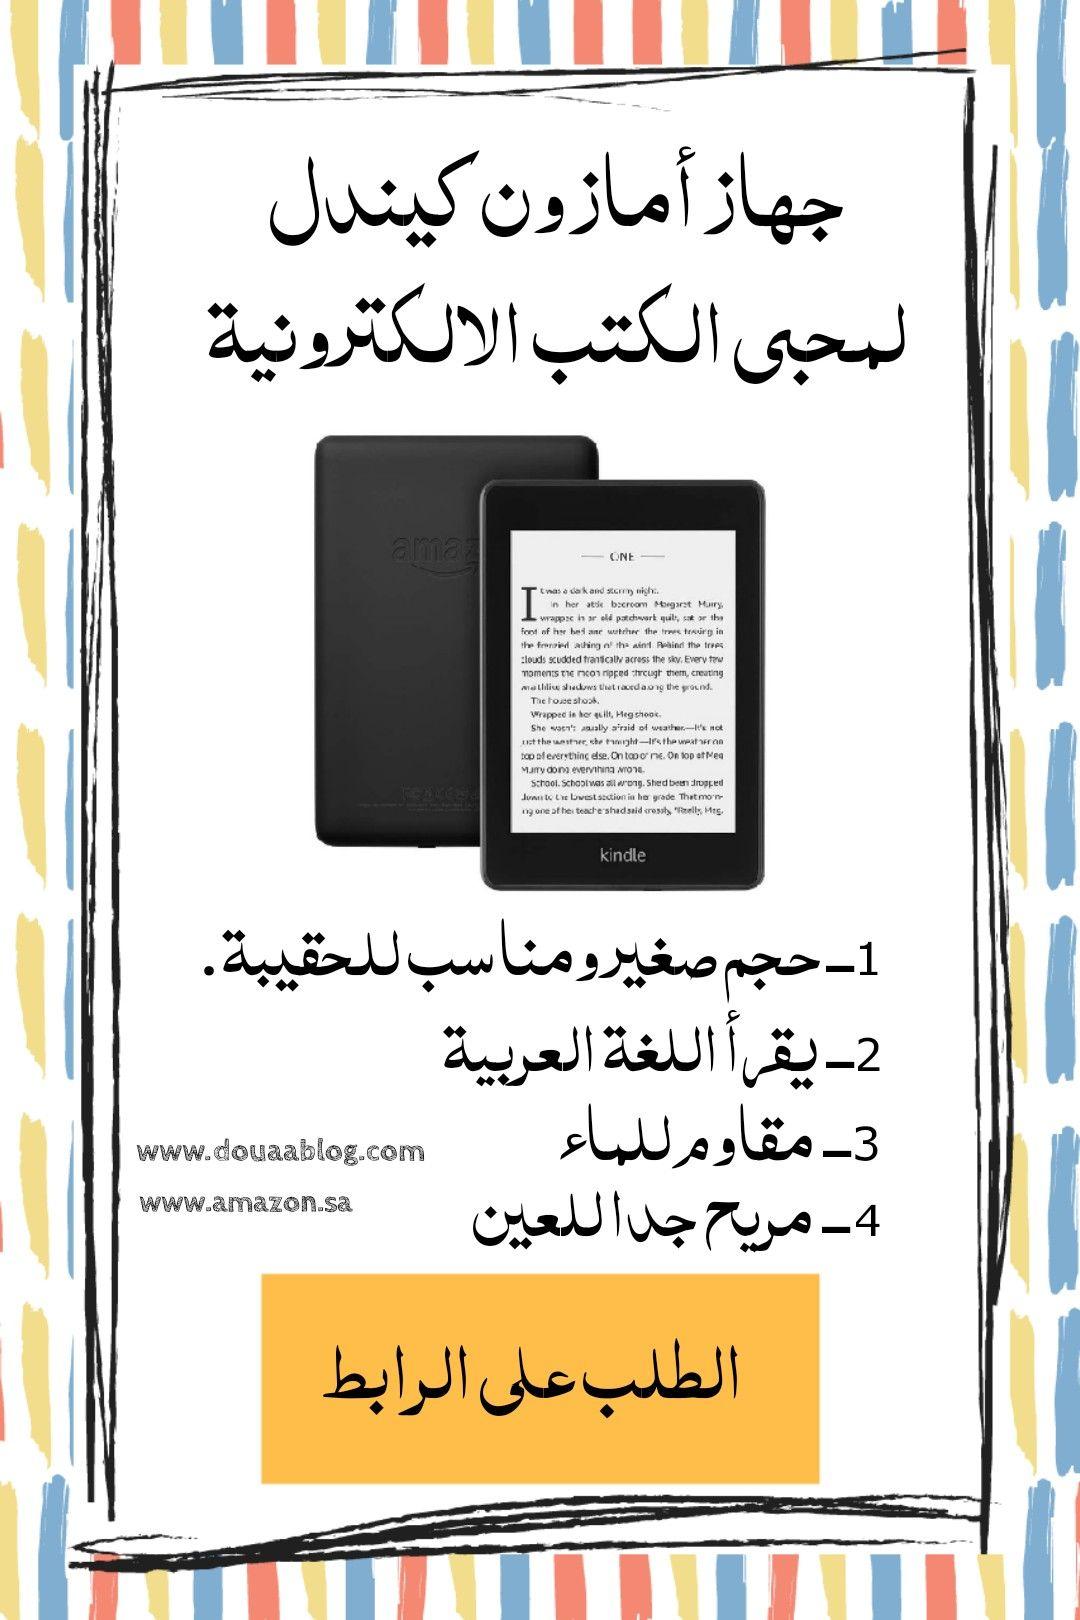 أمازون السعودية جهاز أمازون كيندل الكتب الالكترونية Notebook